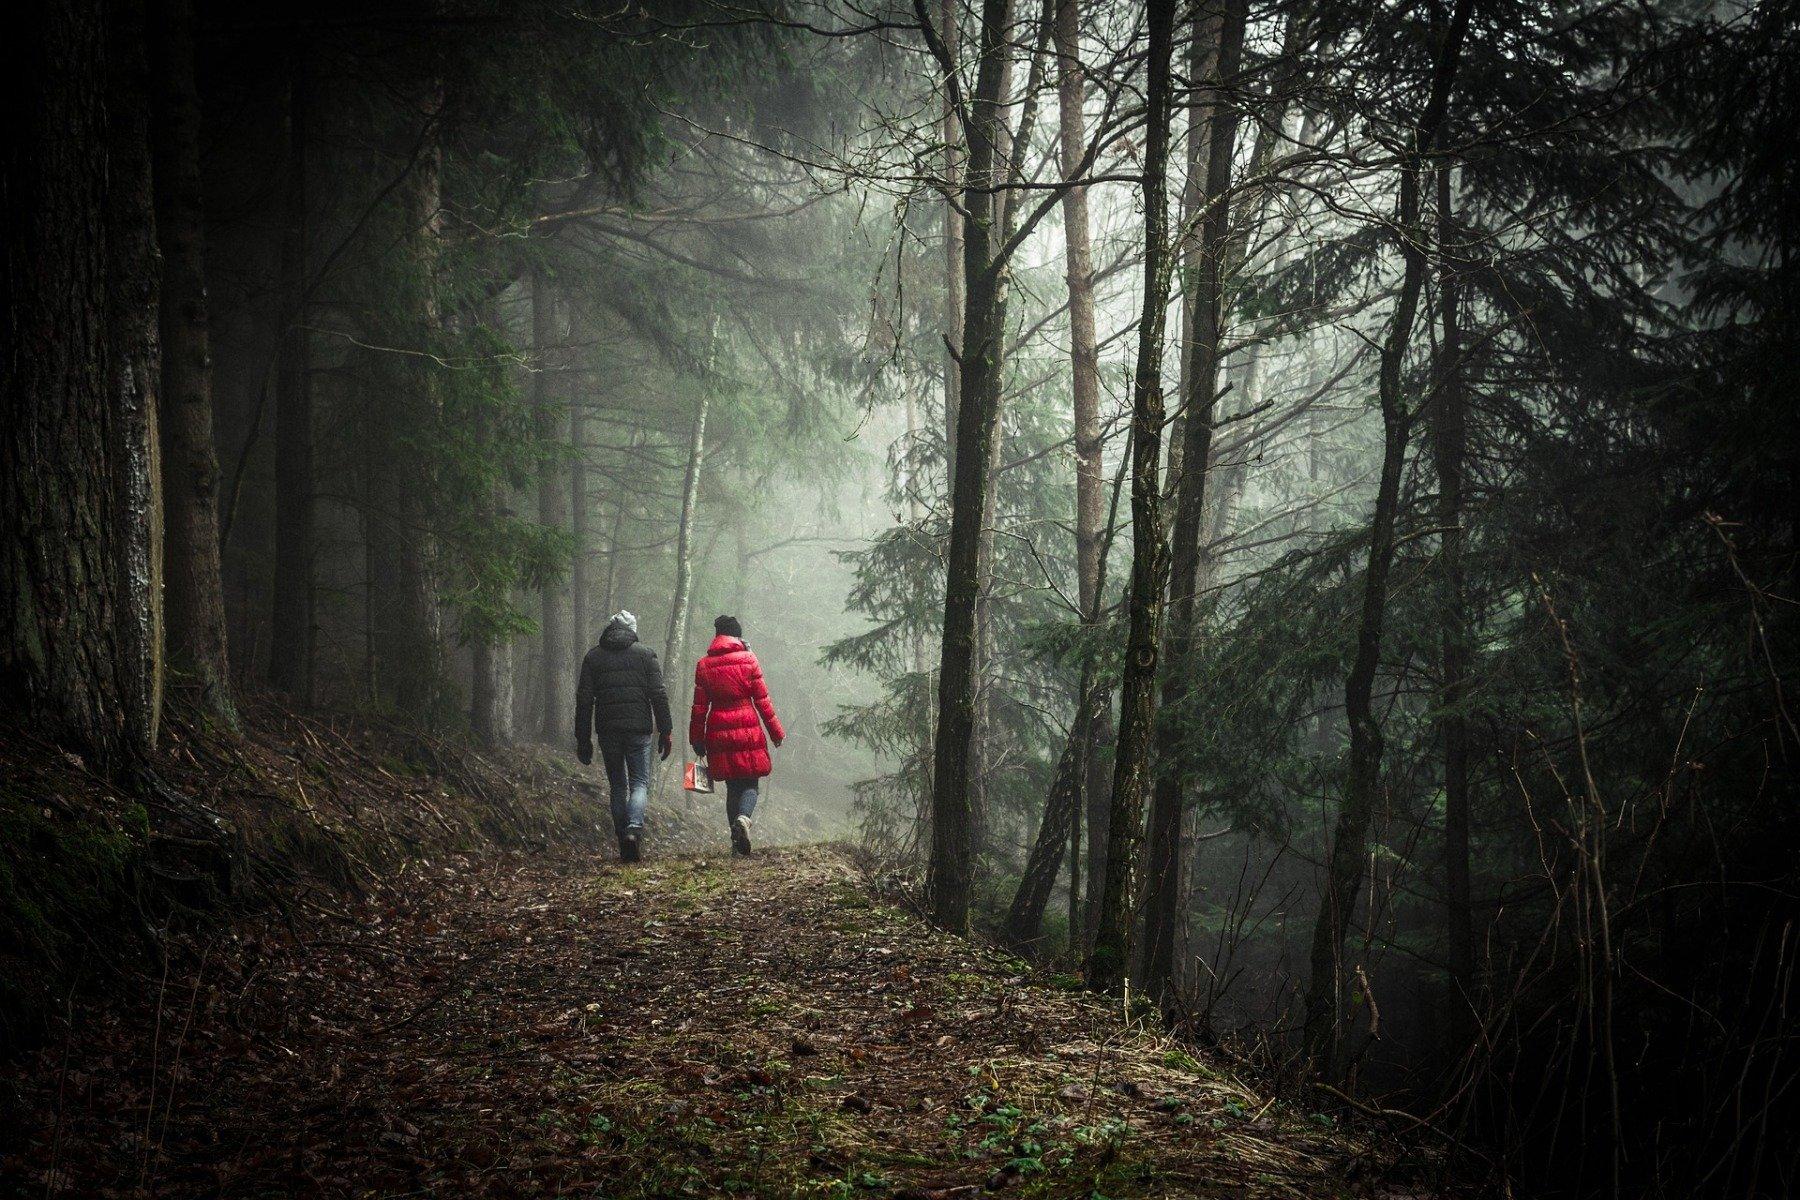 Auch im Winter hat der Wald seine Reize. (Symbolfoto: pixabay)